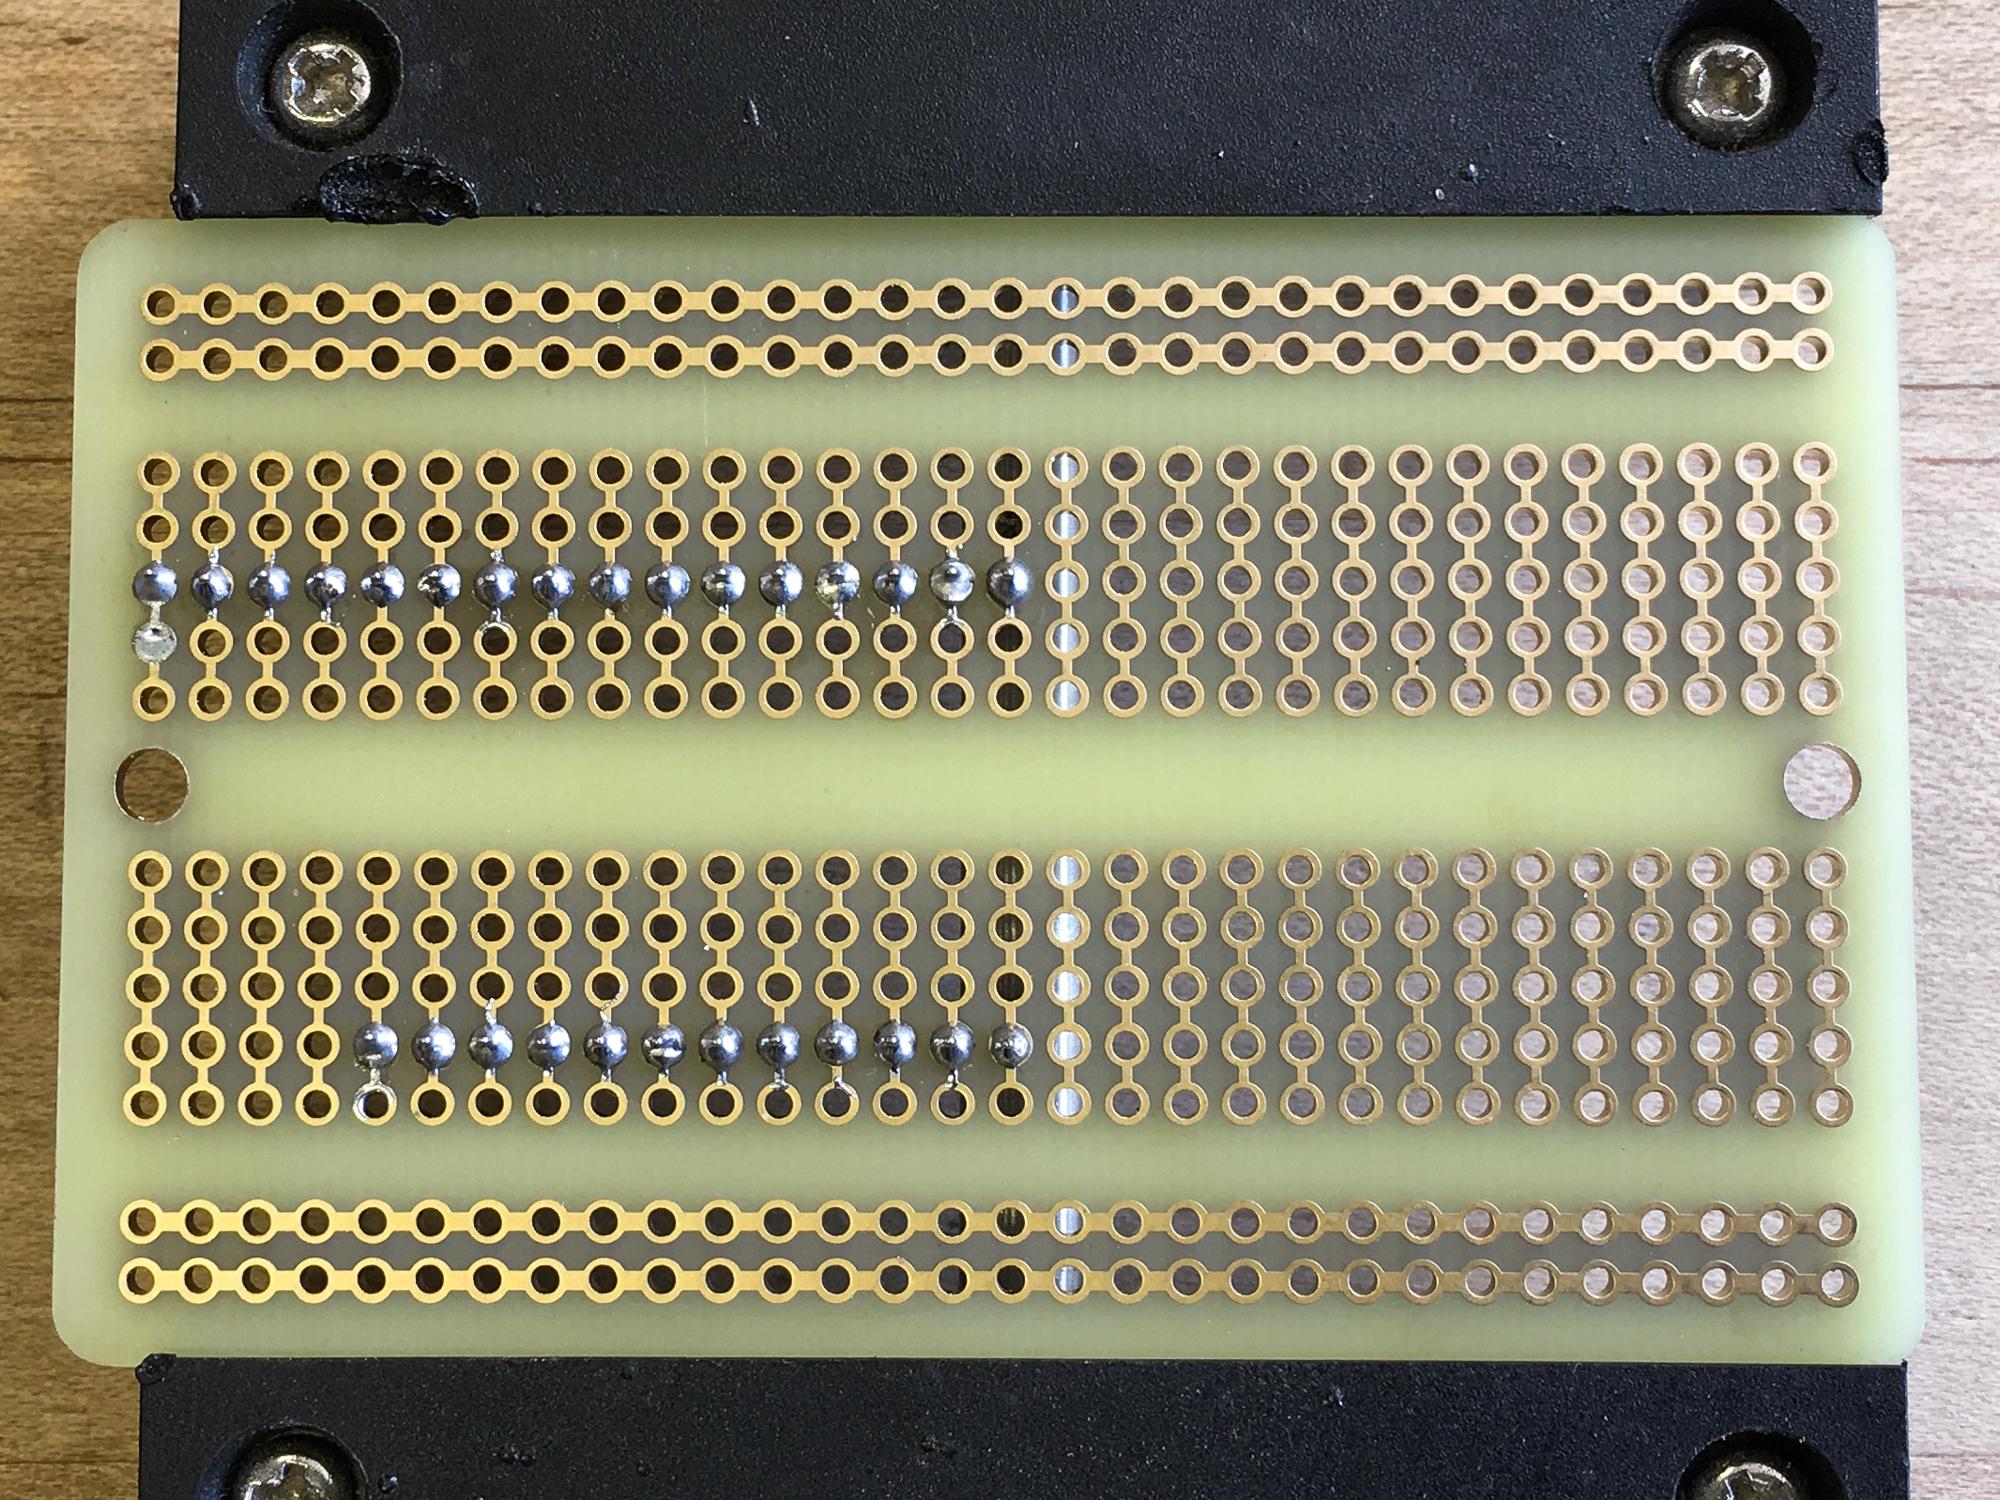 microcontrollers_IMG_1743_2k.jpg